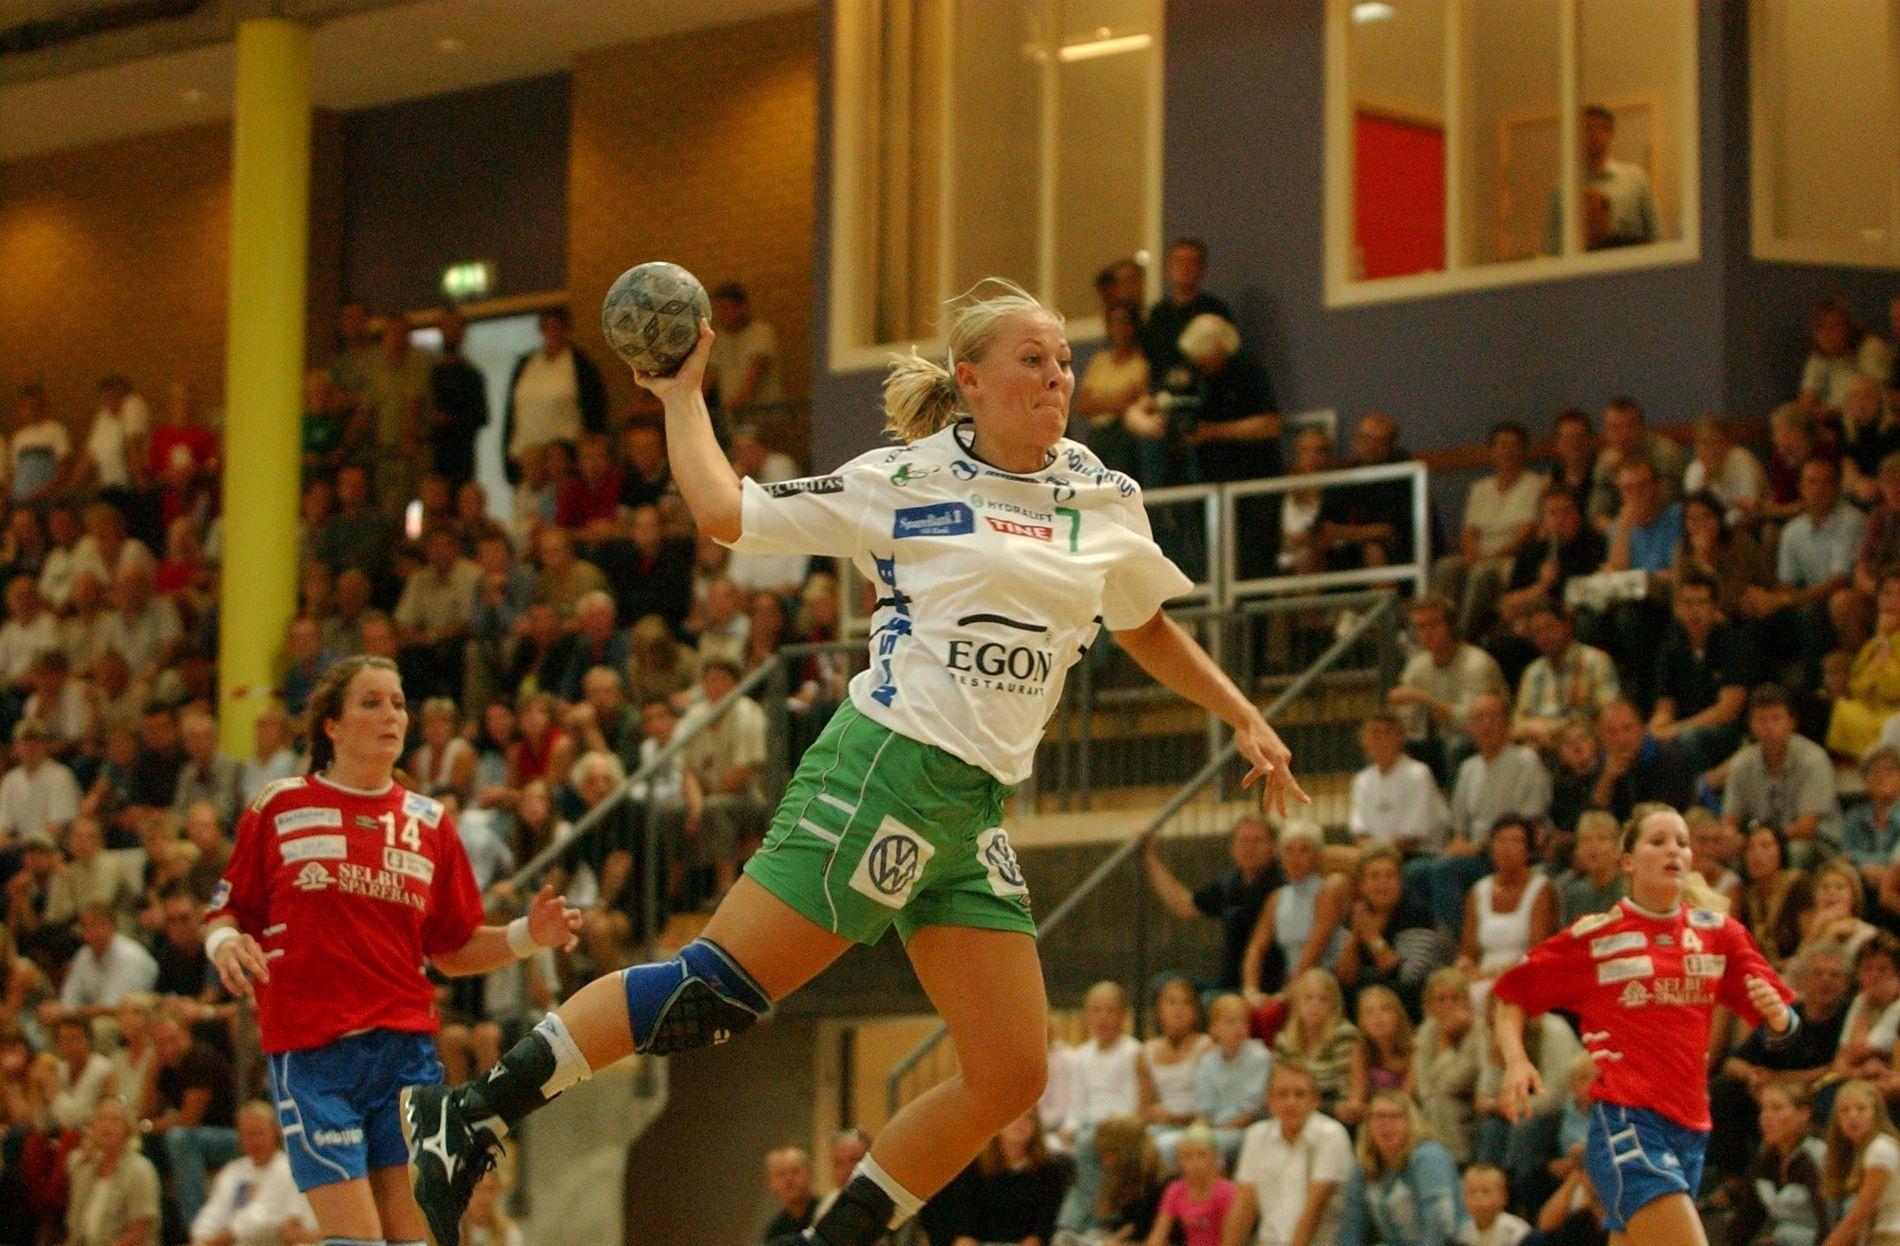 Den nye Karusshallen ble innviet høsten 2002. I den første seriekampen ble Selbu utklasset med 31–19. Våg Vipers erobret bronsemedaljer denne sesongen.